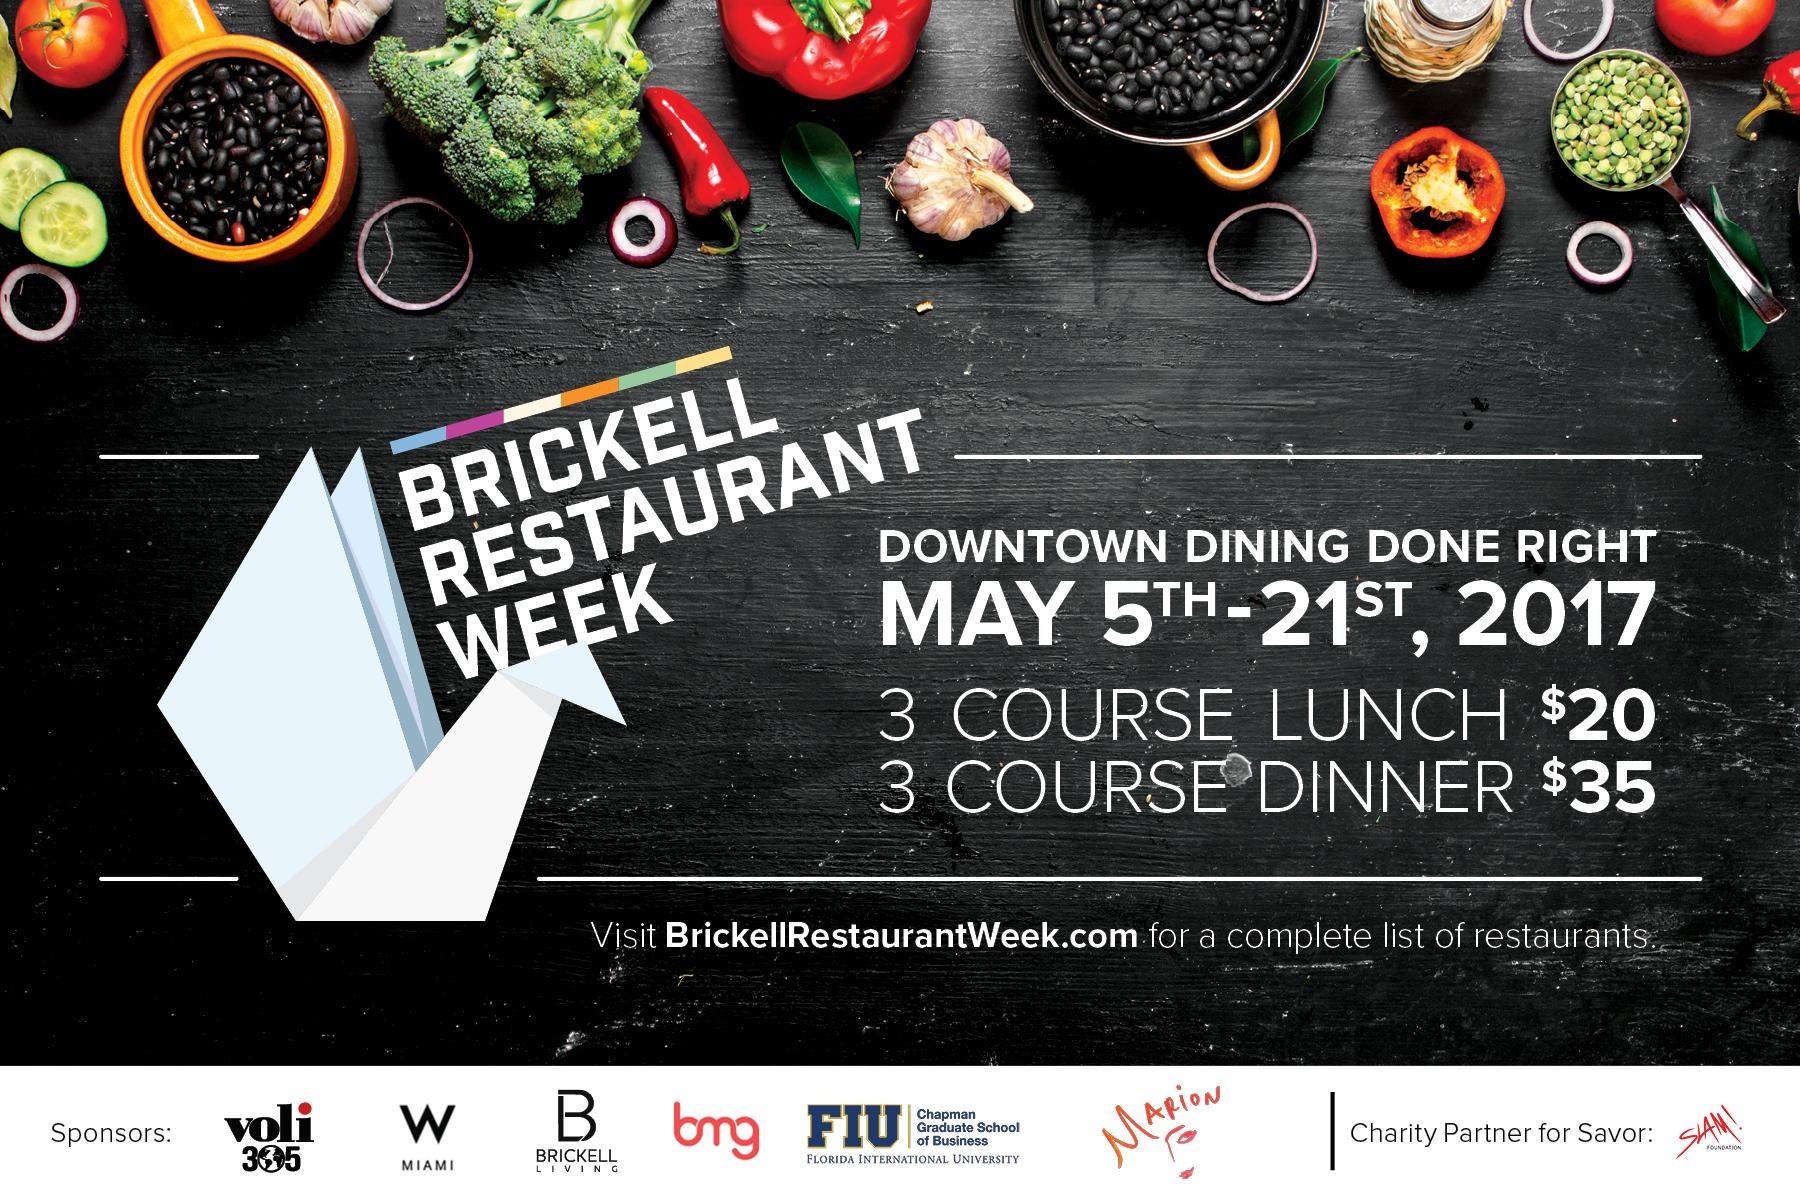 Brickell Restaurant Week 2017